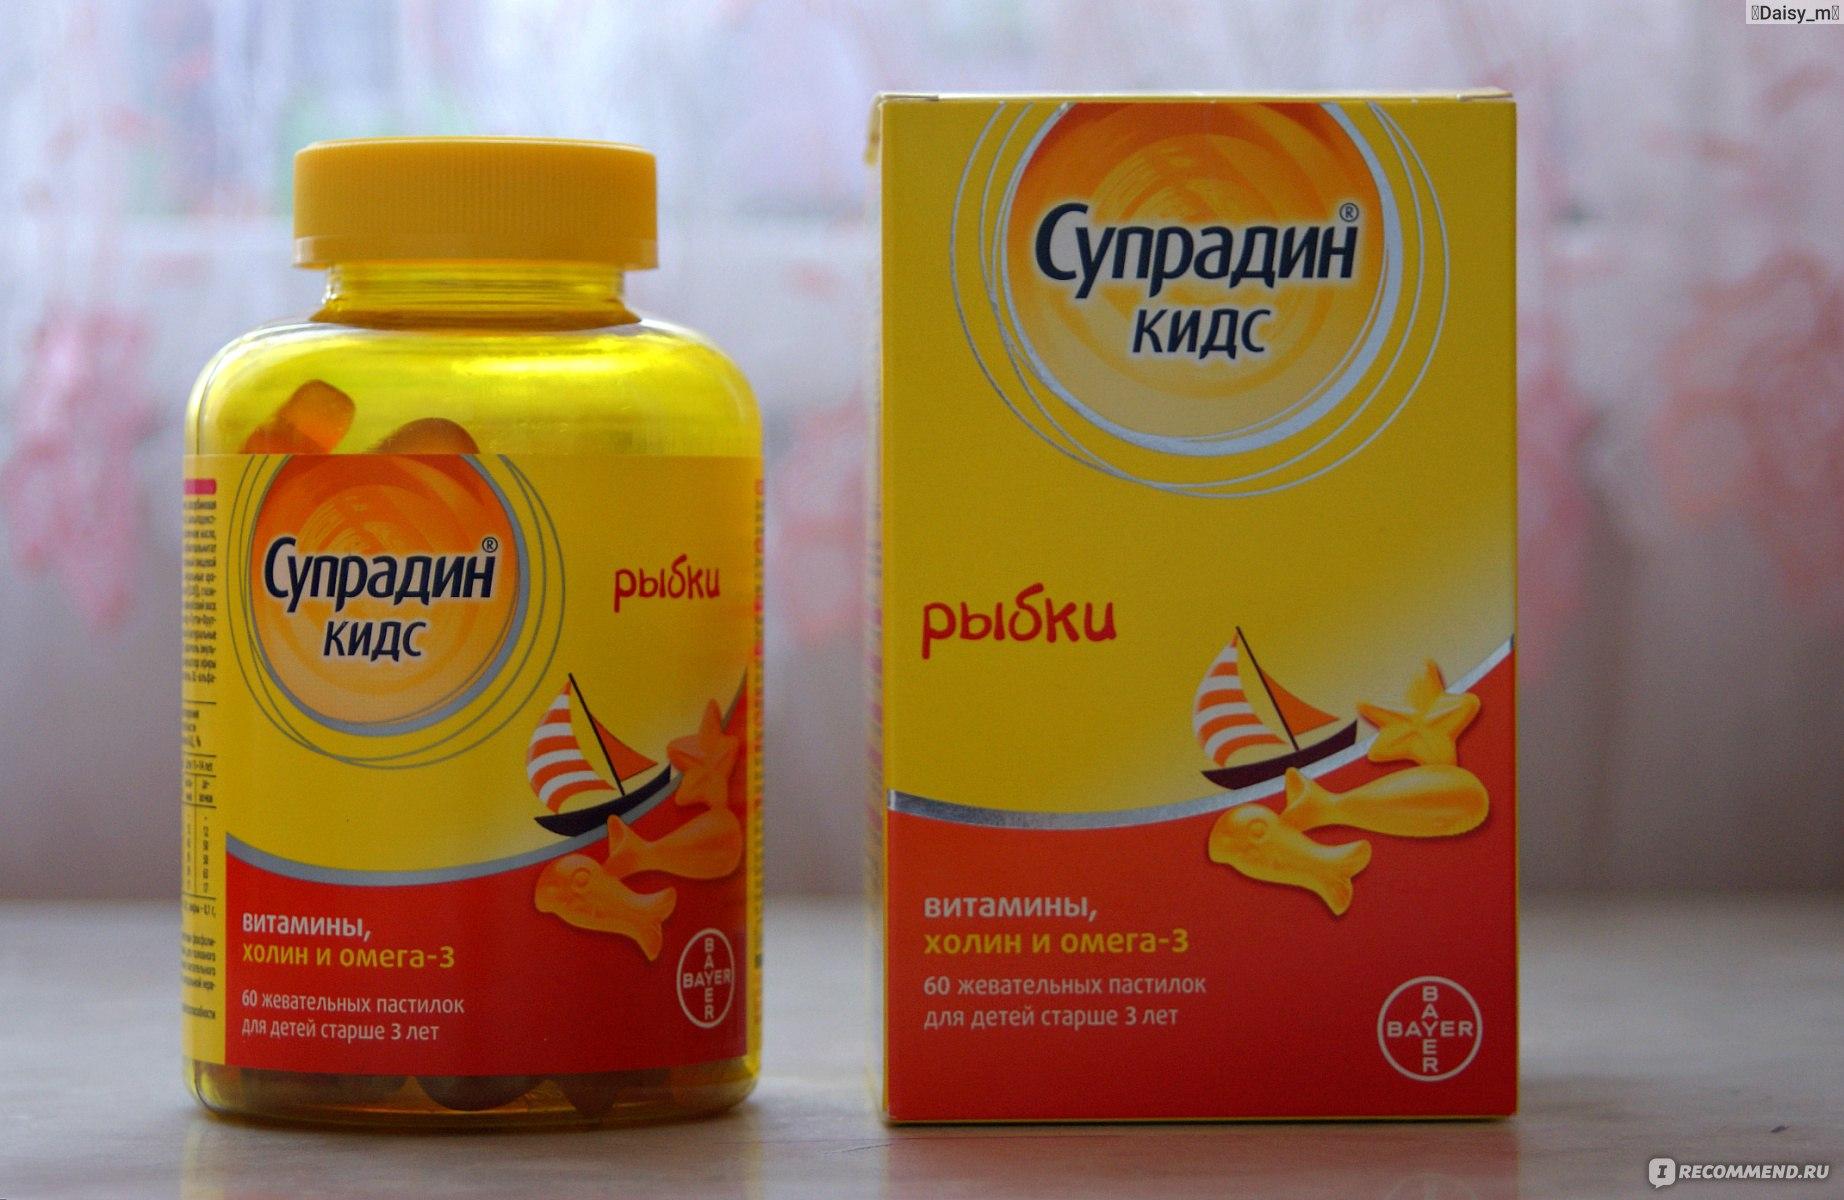 Супрадин кидс - линейка детских витаминов